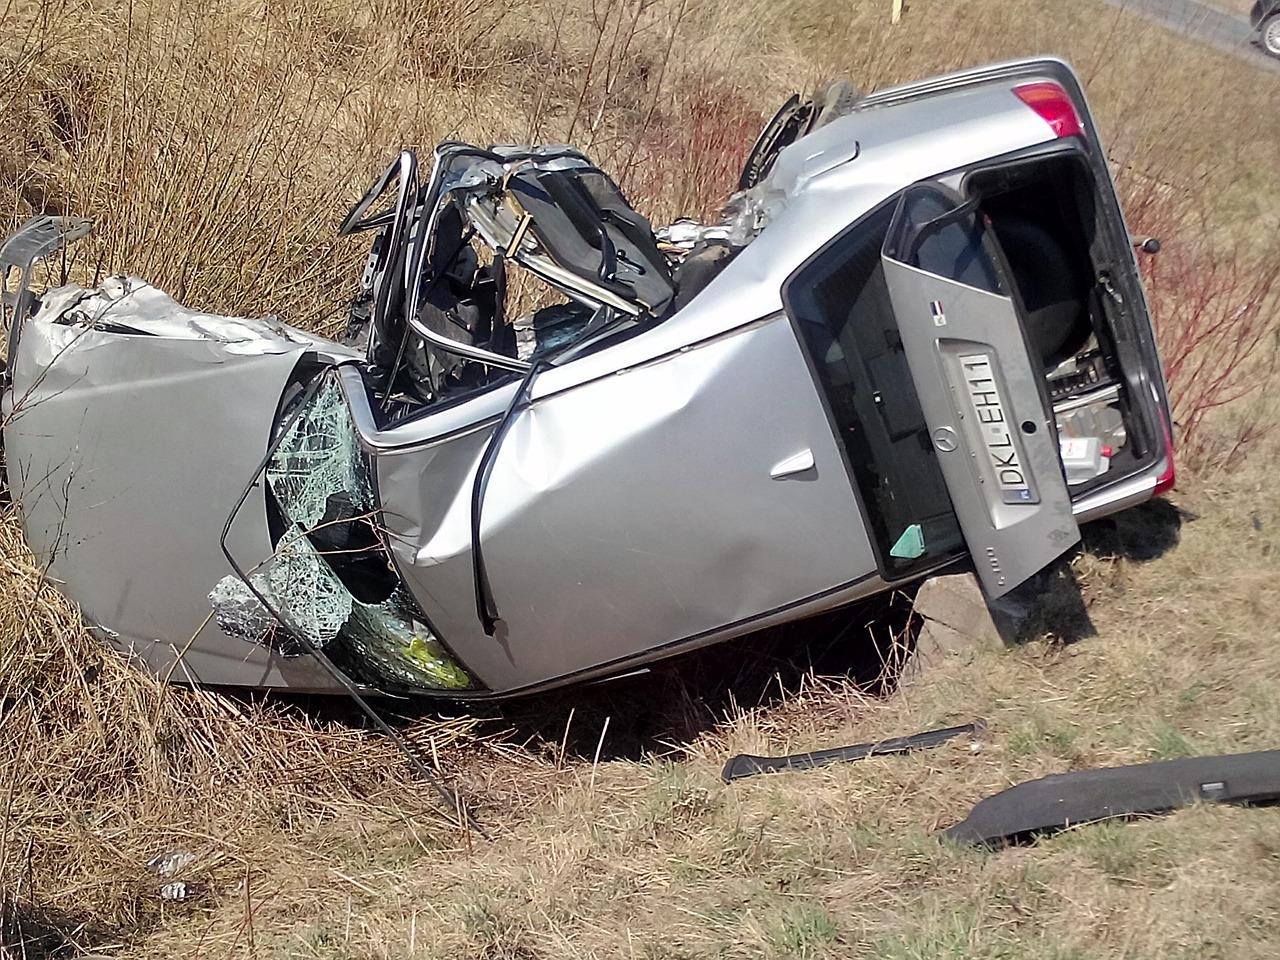 accident-734594_1280